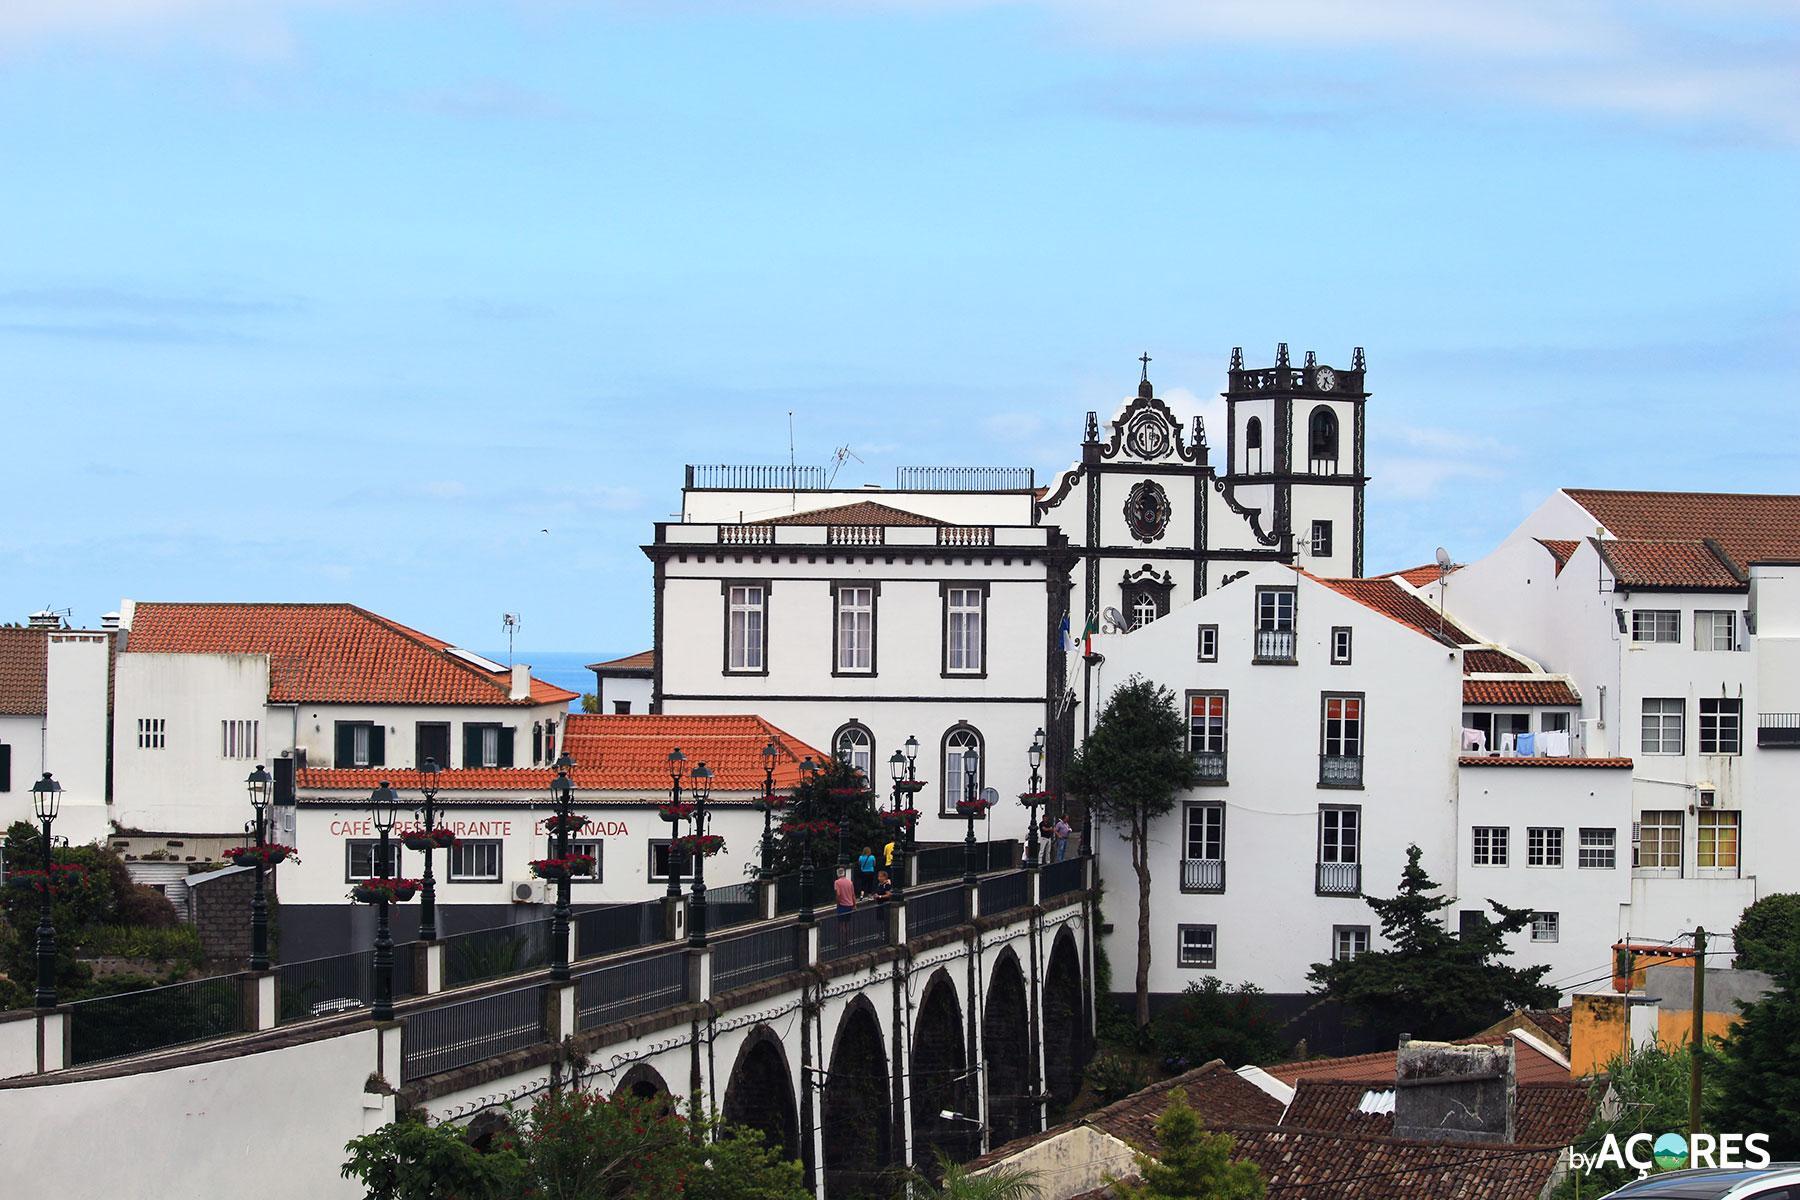 Vila do Nordeste, São Miguel - Açores